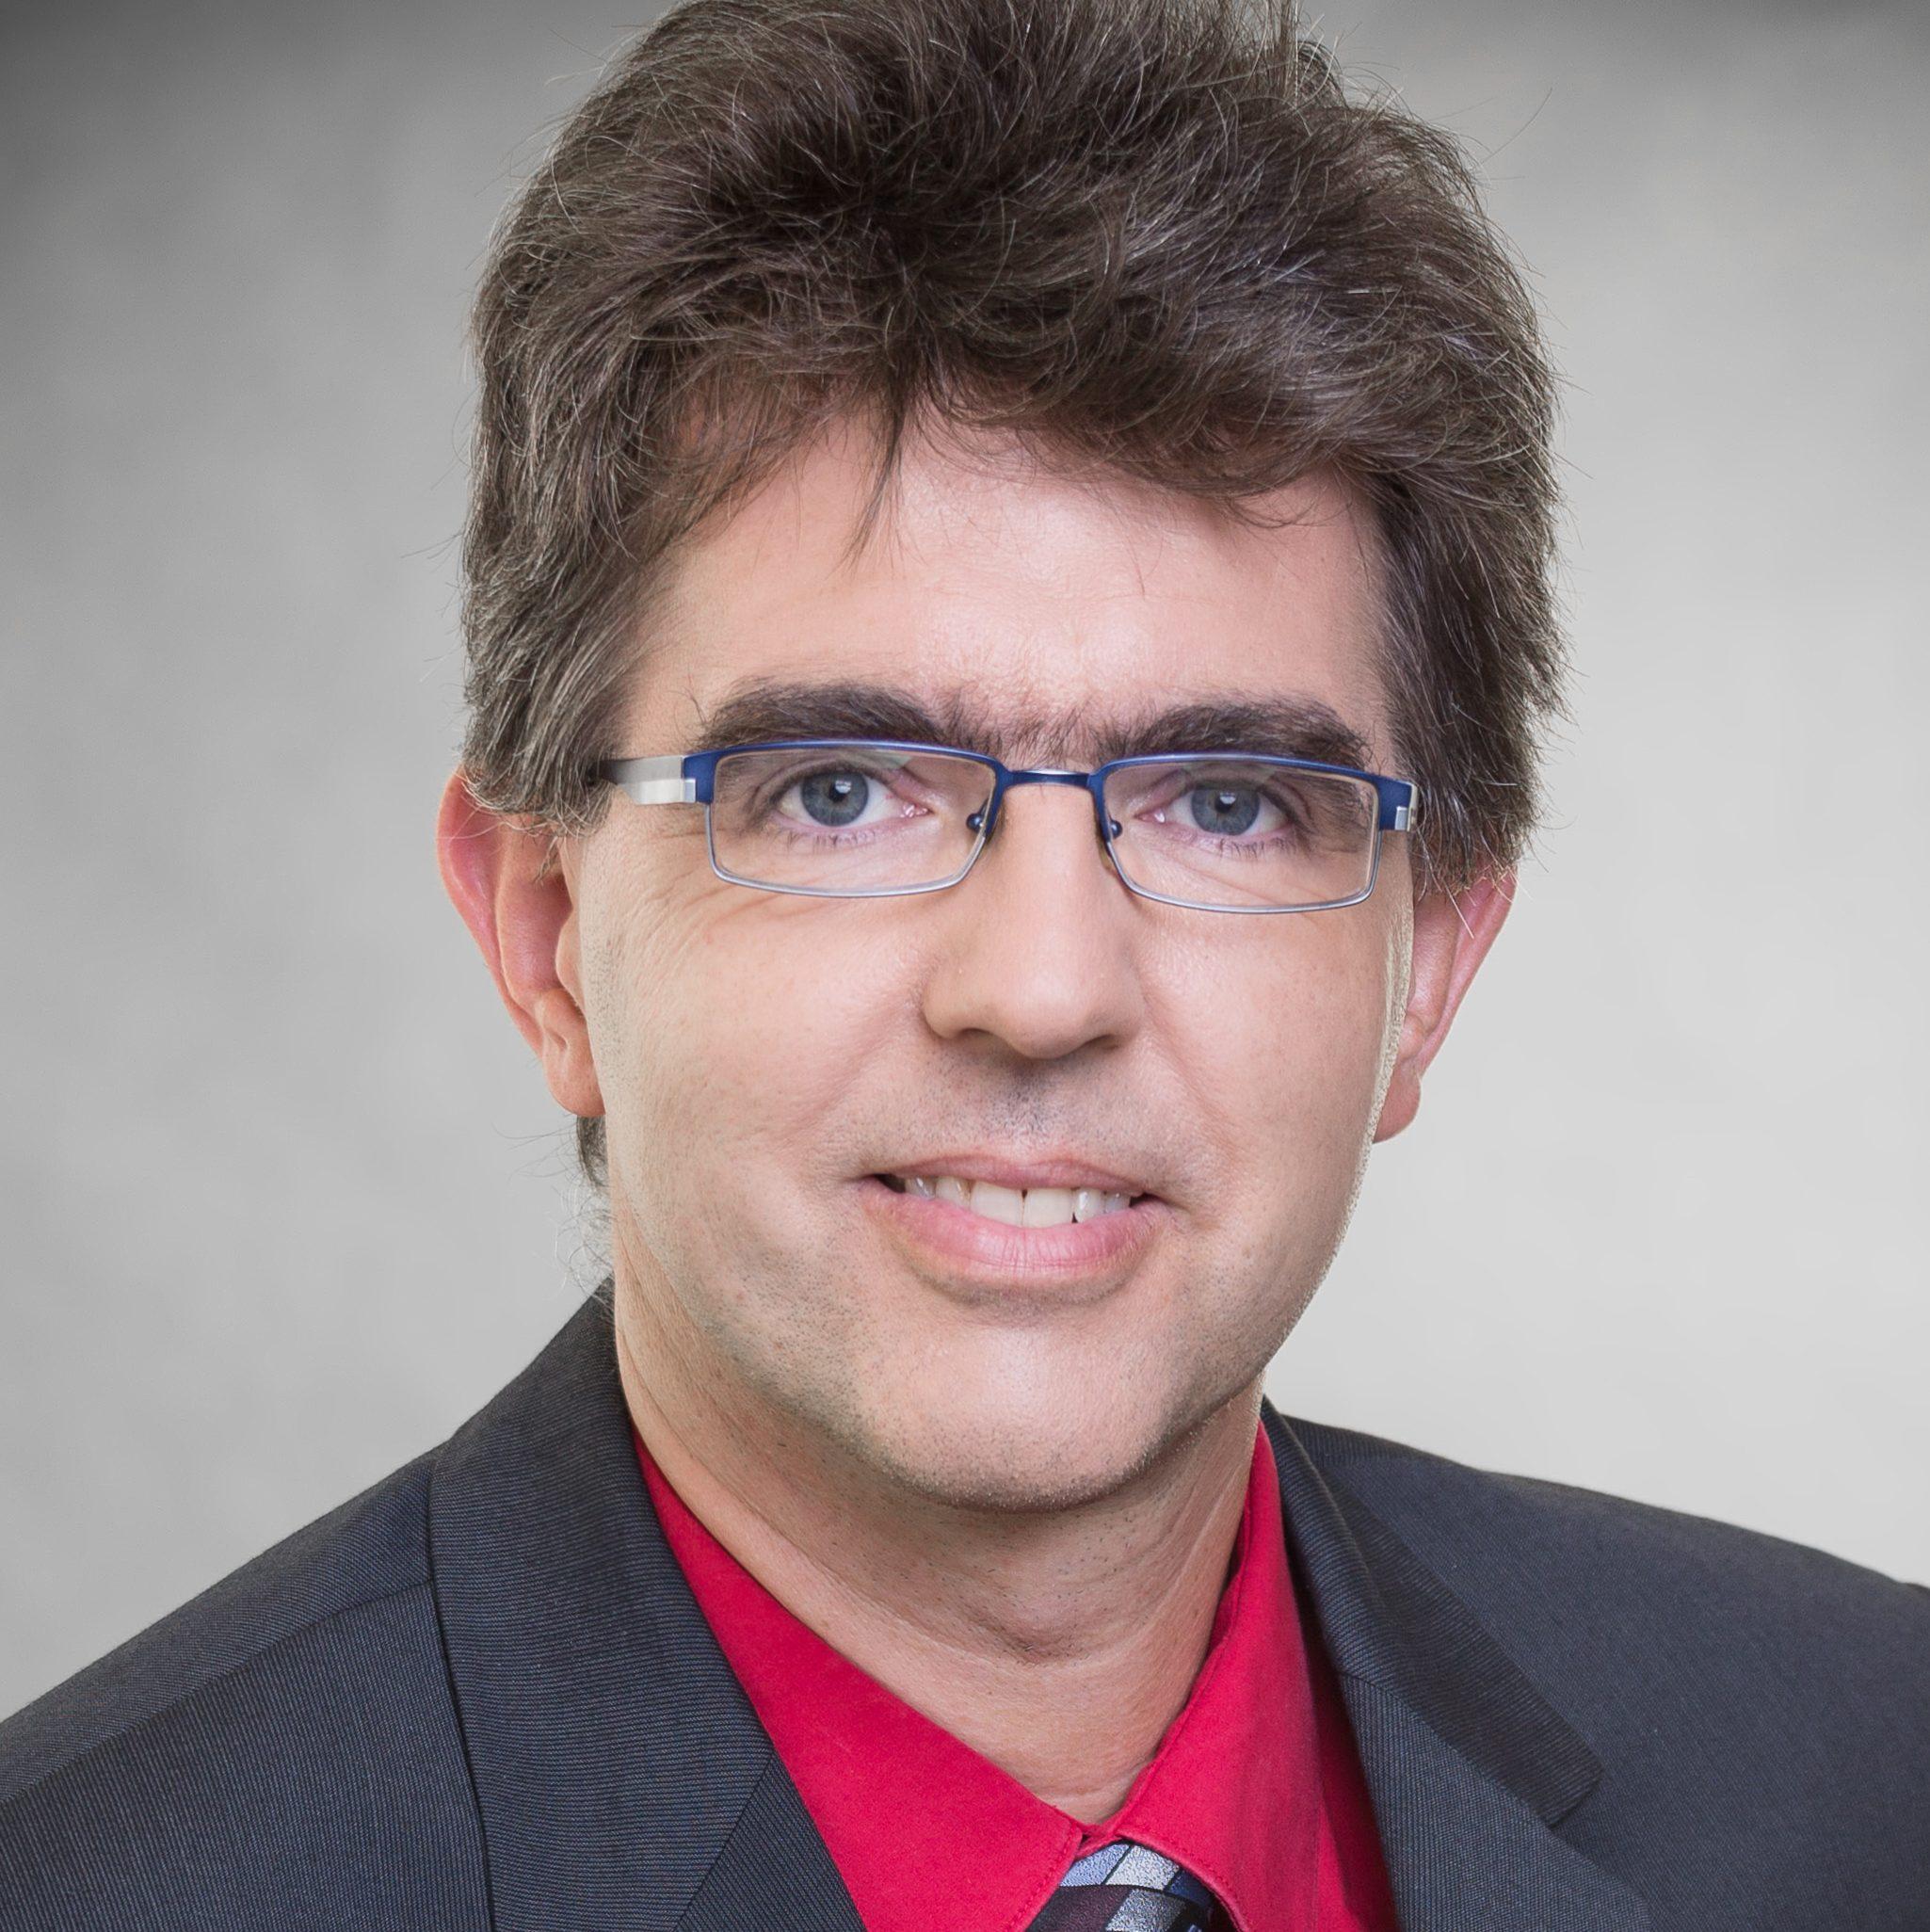 Portrait-Foto von PD Dr.-Ing. habil. Ulrich Maschek